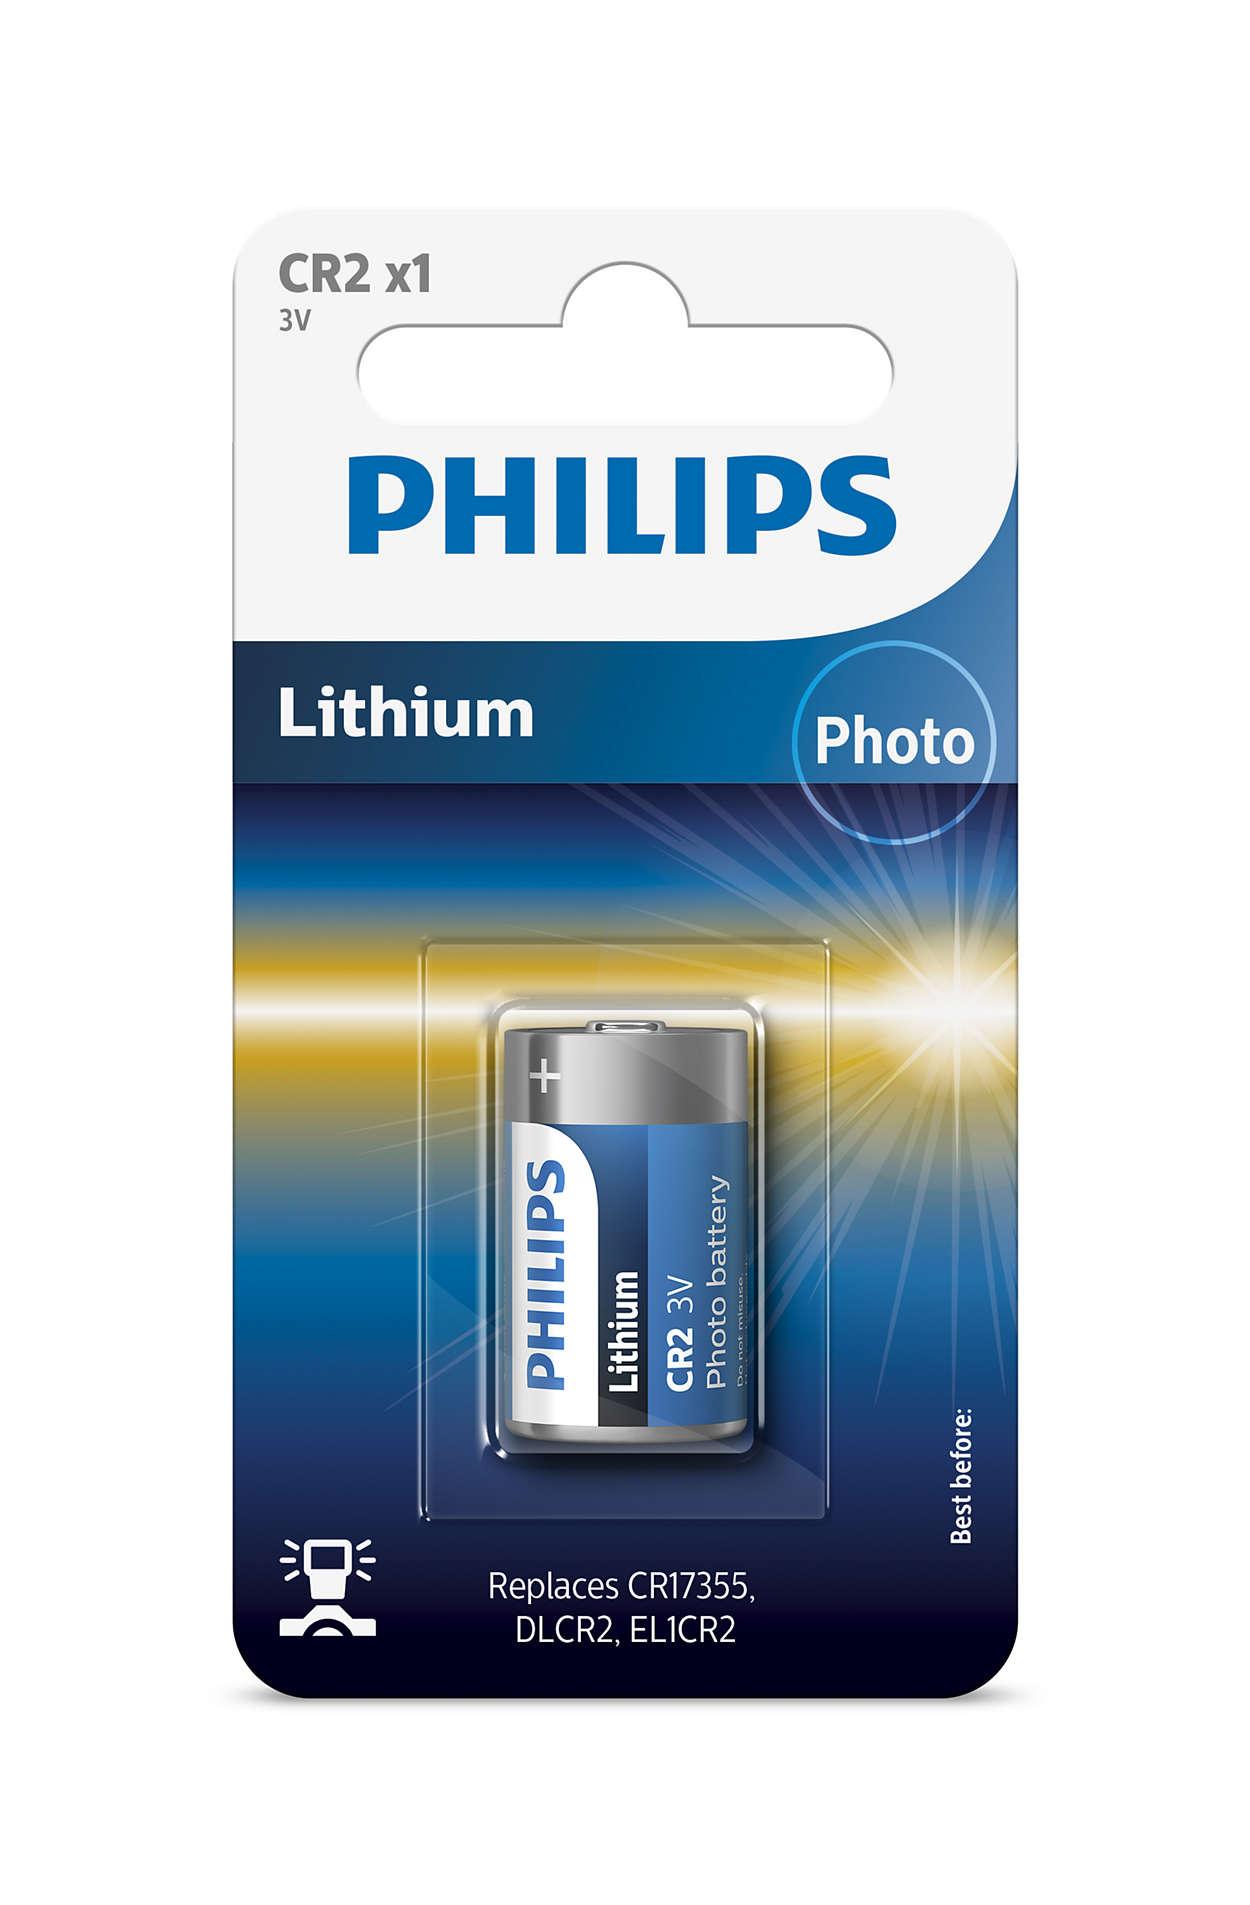 Huippuluokan litiumtekniikkaa kameraa varten